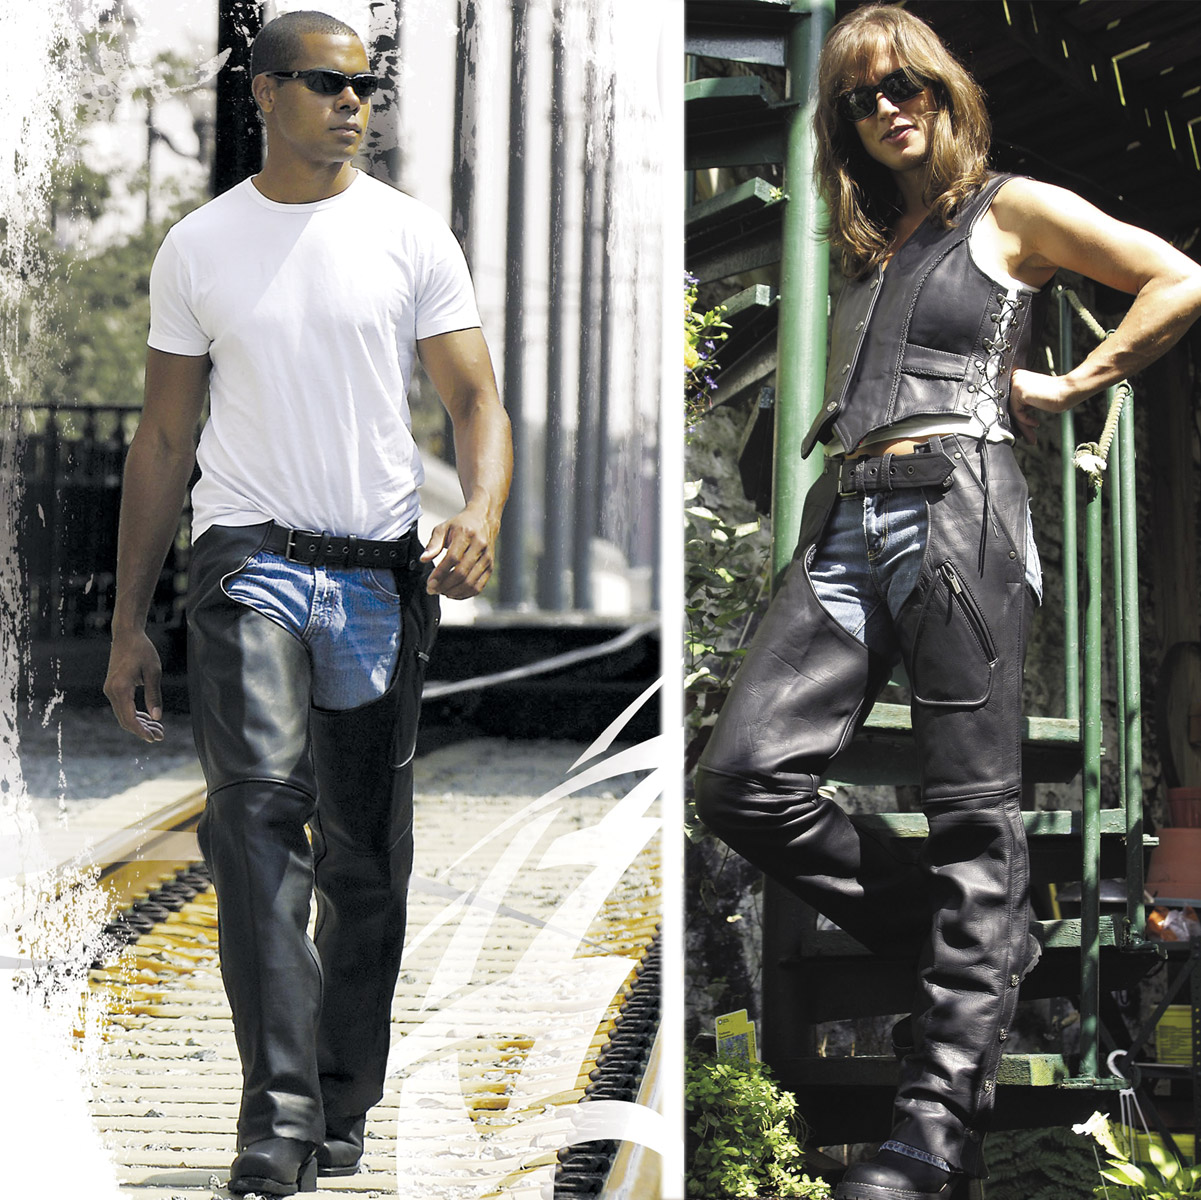 Milwaukee Motorcycle Clothing Co. Unisex Gunslinger Black Leather Chaps